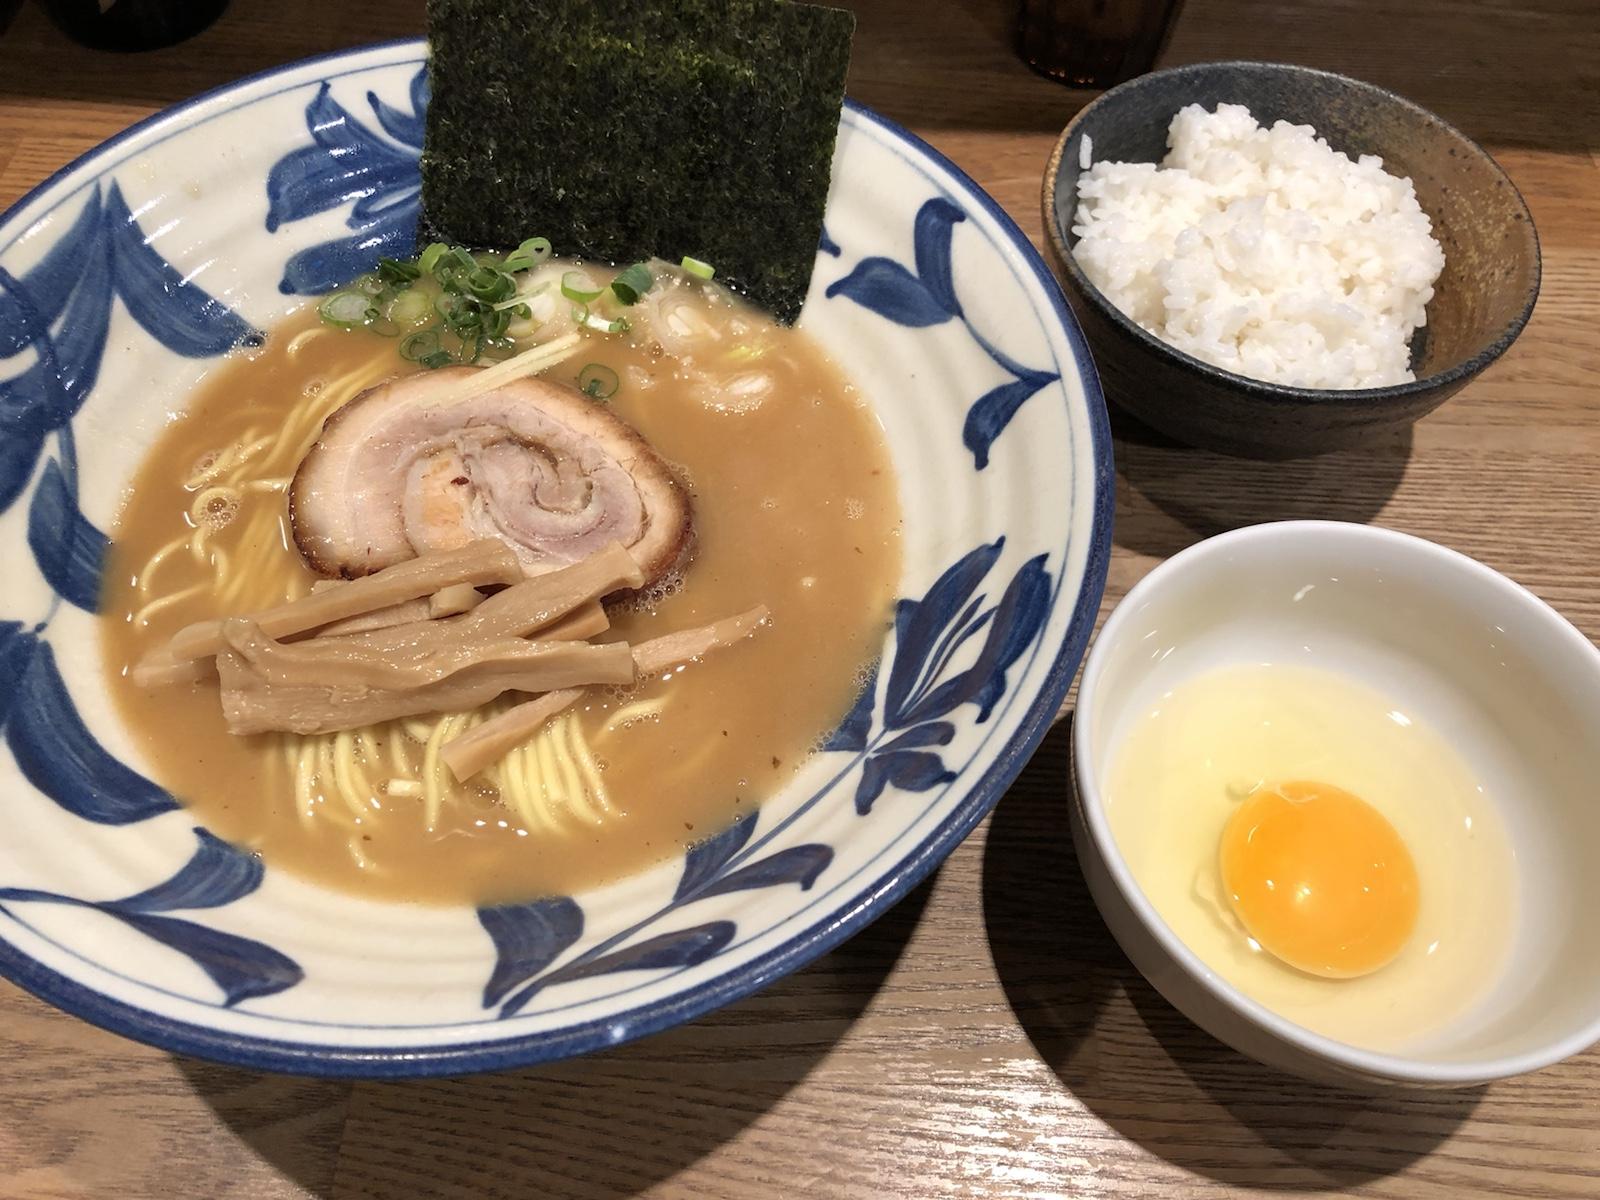 とろり濃厚スープに舌鼓。卵ご飯もうれしい!渋谷「麺屋ぬかじ」